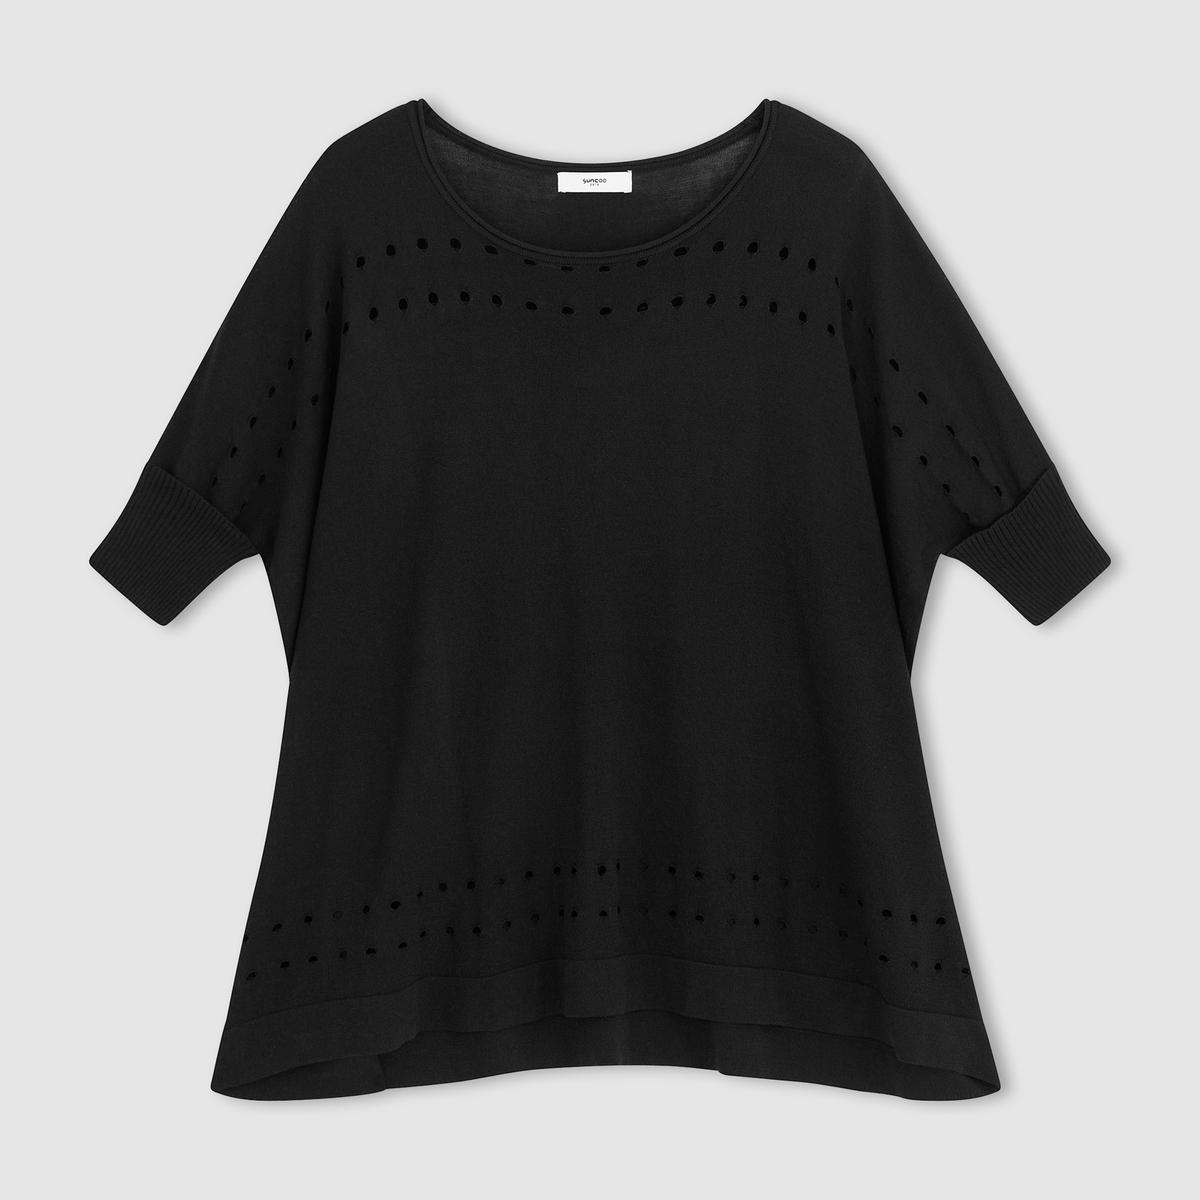 Пуловер ажурныйПуловер ажурный SUNCOO . Легкий ажурный трикотаж на рукавах, внизу и вокруг выреза-лодочки .Состав и описаниеМатериал 65% вискозы, 35% полиамида Марка SUNCOO<br><br>Цвет: черный<br>Размер: M